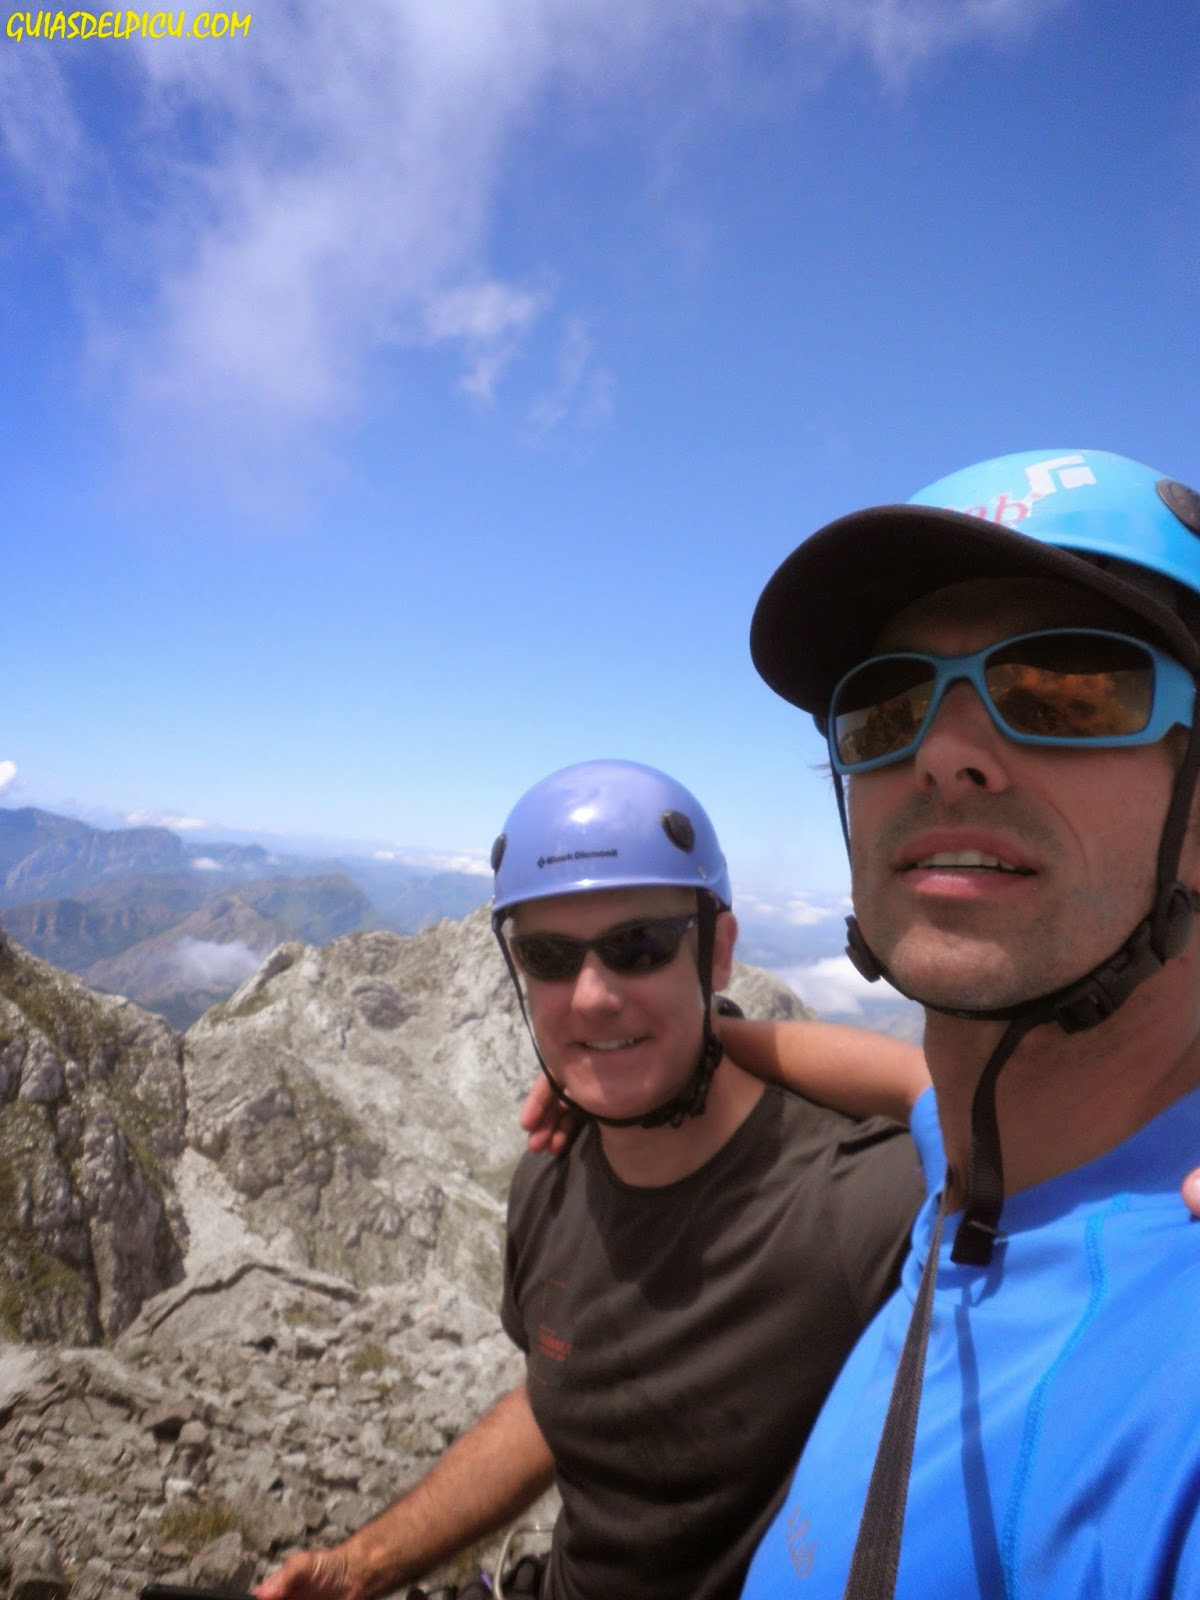 Guia de alta montaña Fernando Calvo Gonzalez, escaladas y crestas en los picos de europa, rab , rab noticias, rab aeon tee